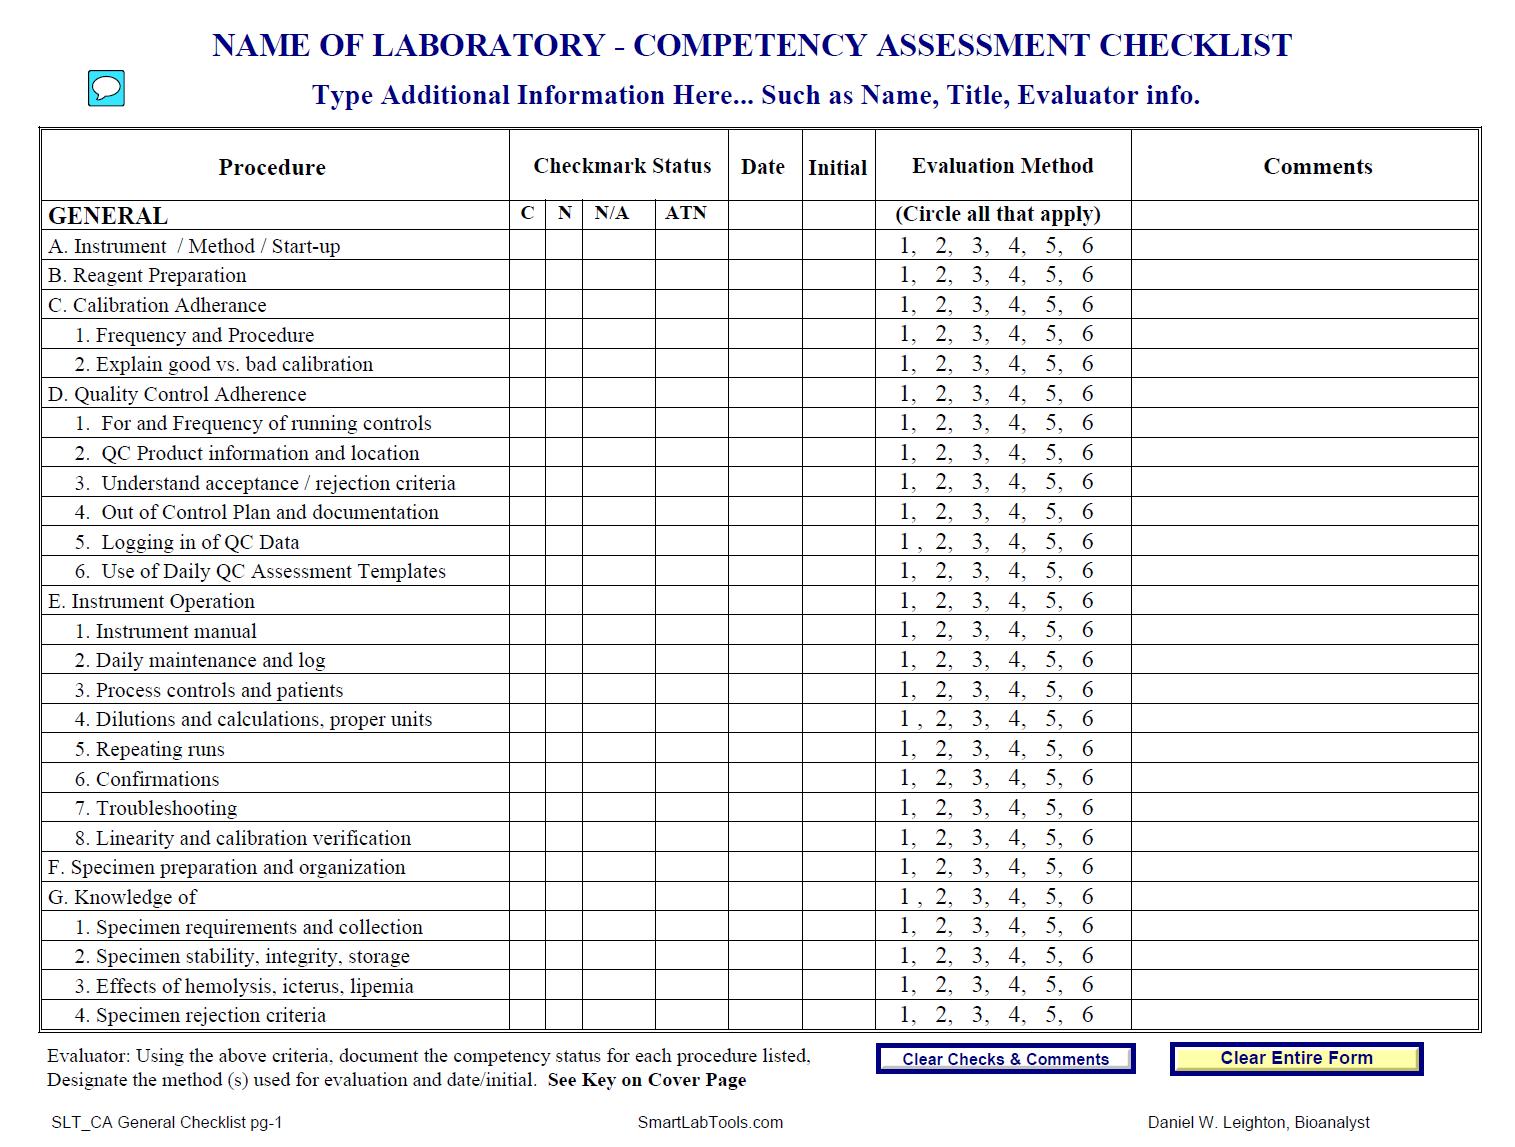 SmartLabTools | SLT_Competency Assessment Forms